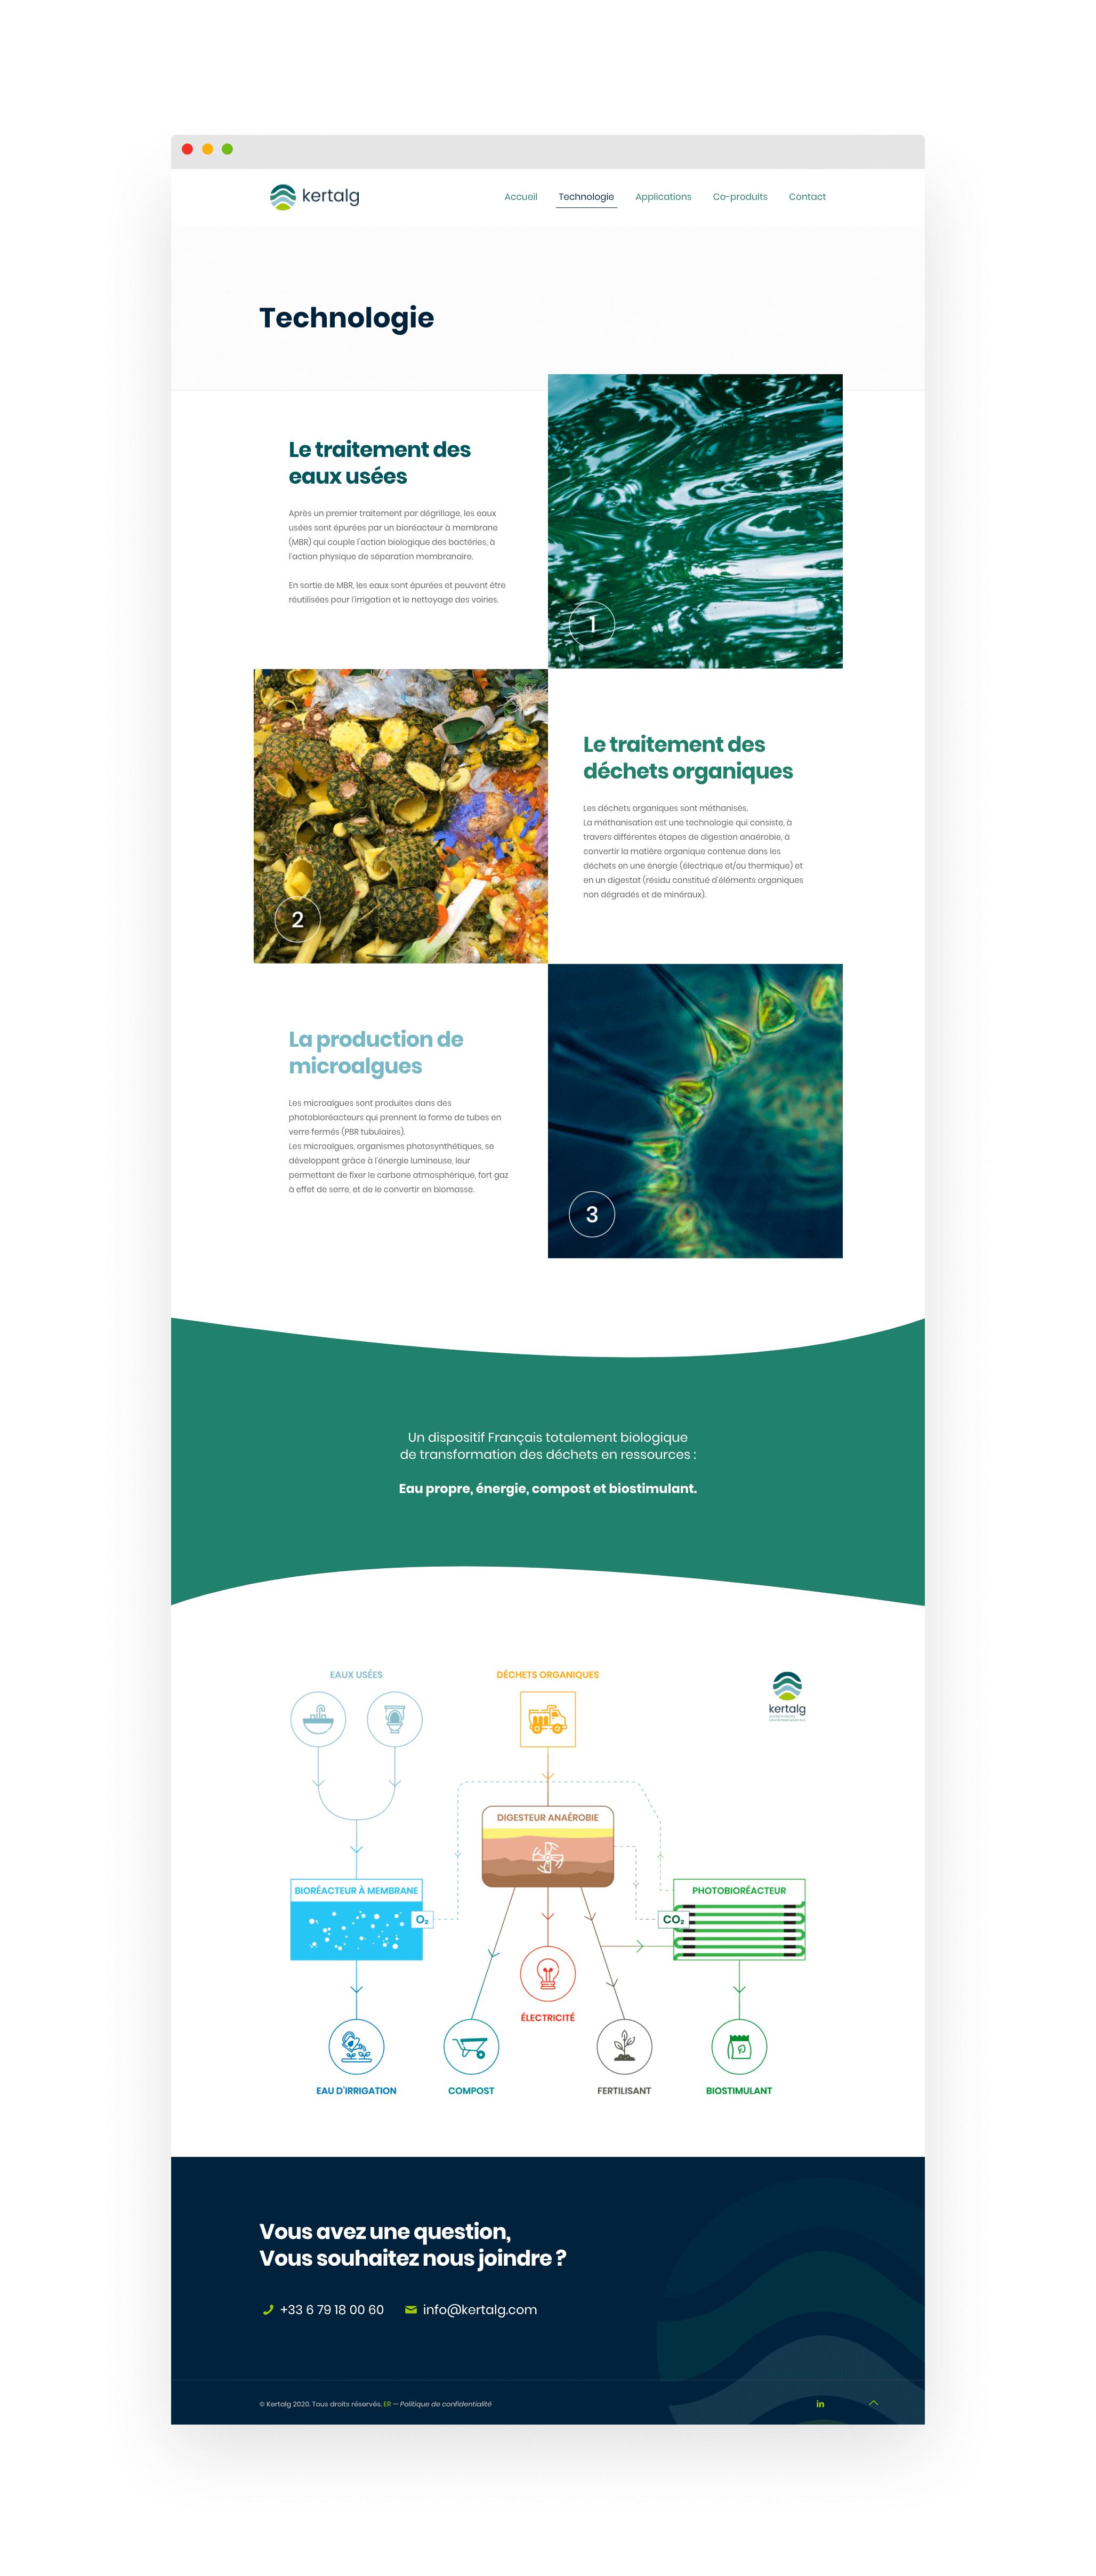 Kertalg - bioraffinerie environnementale - Site web, page Tehnologie